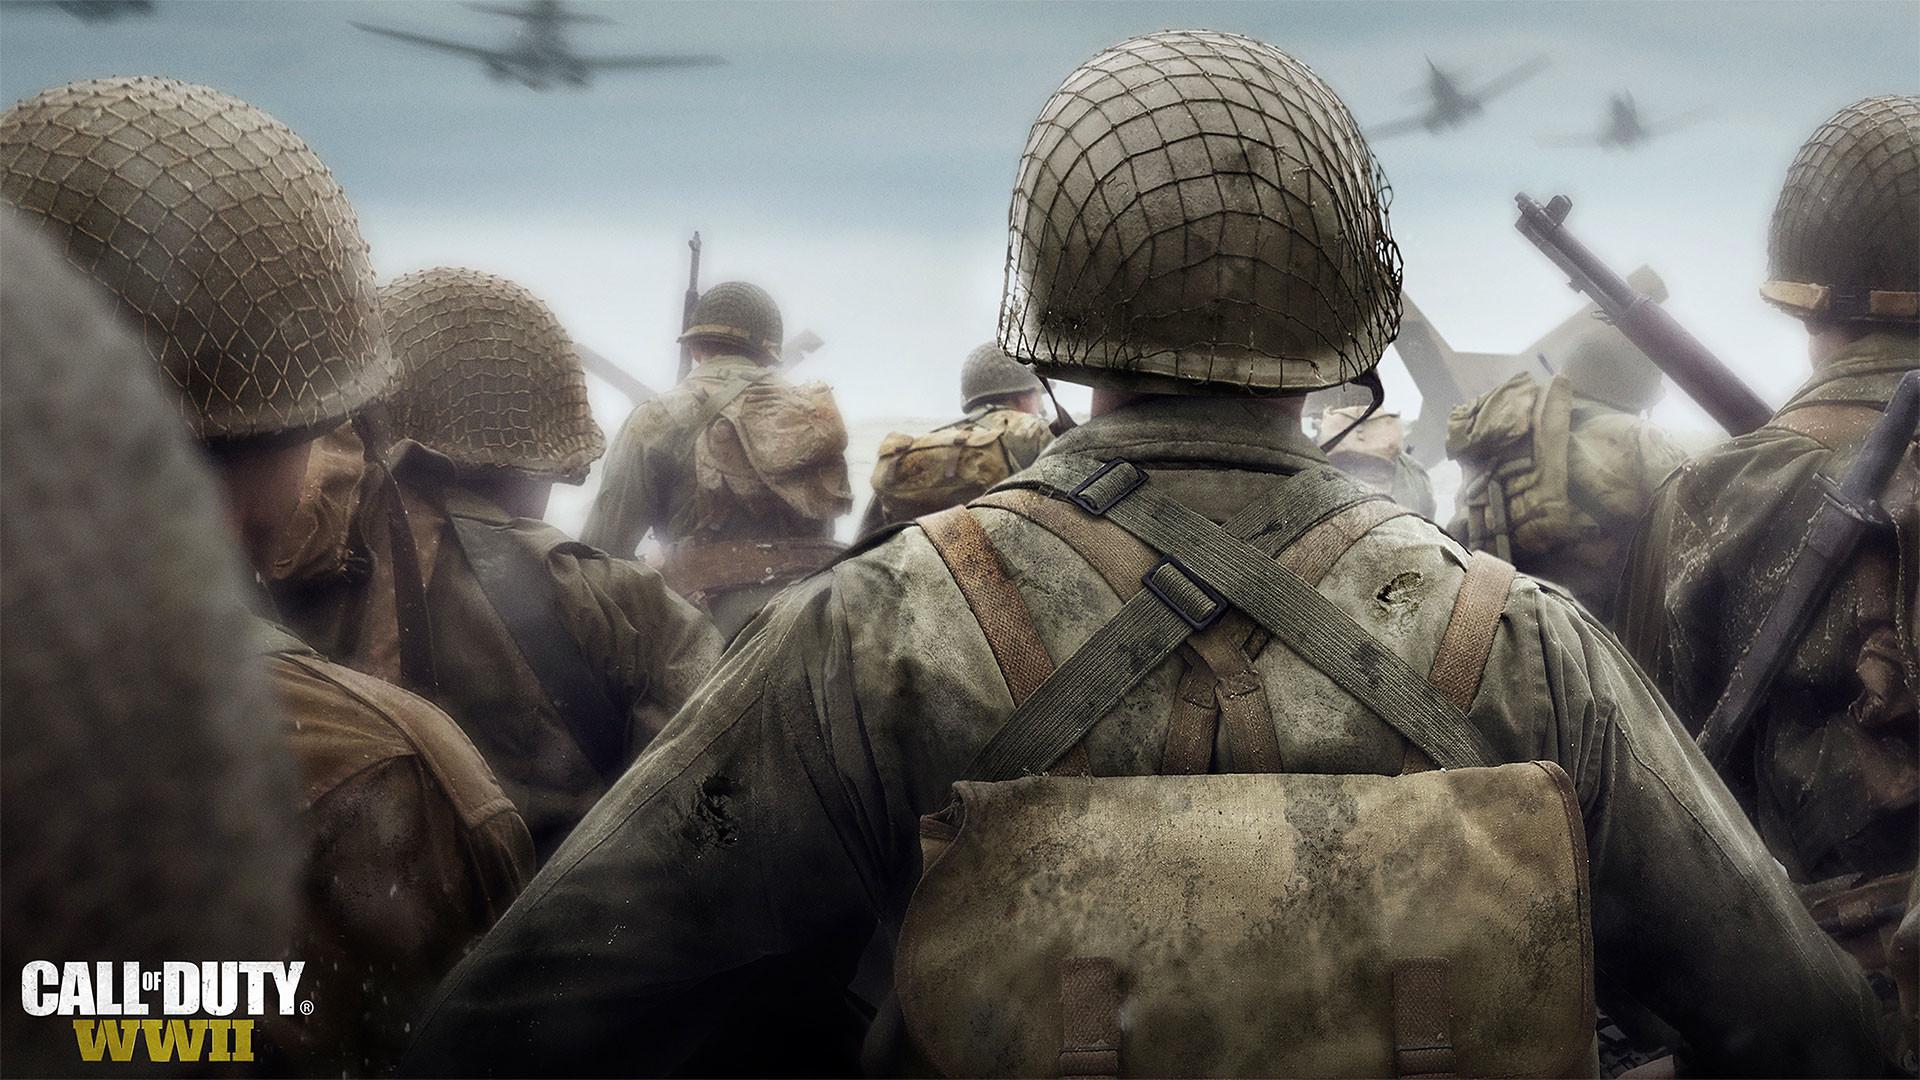 … OF DUTY WWII 1080p Wallpaper …